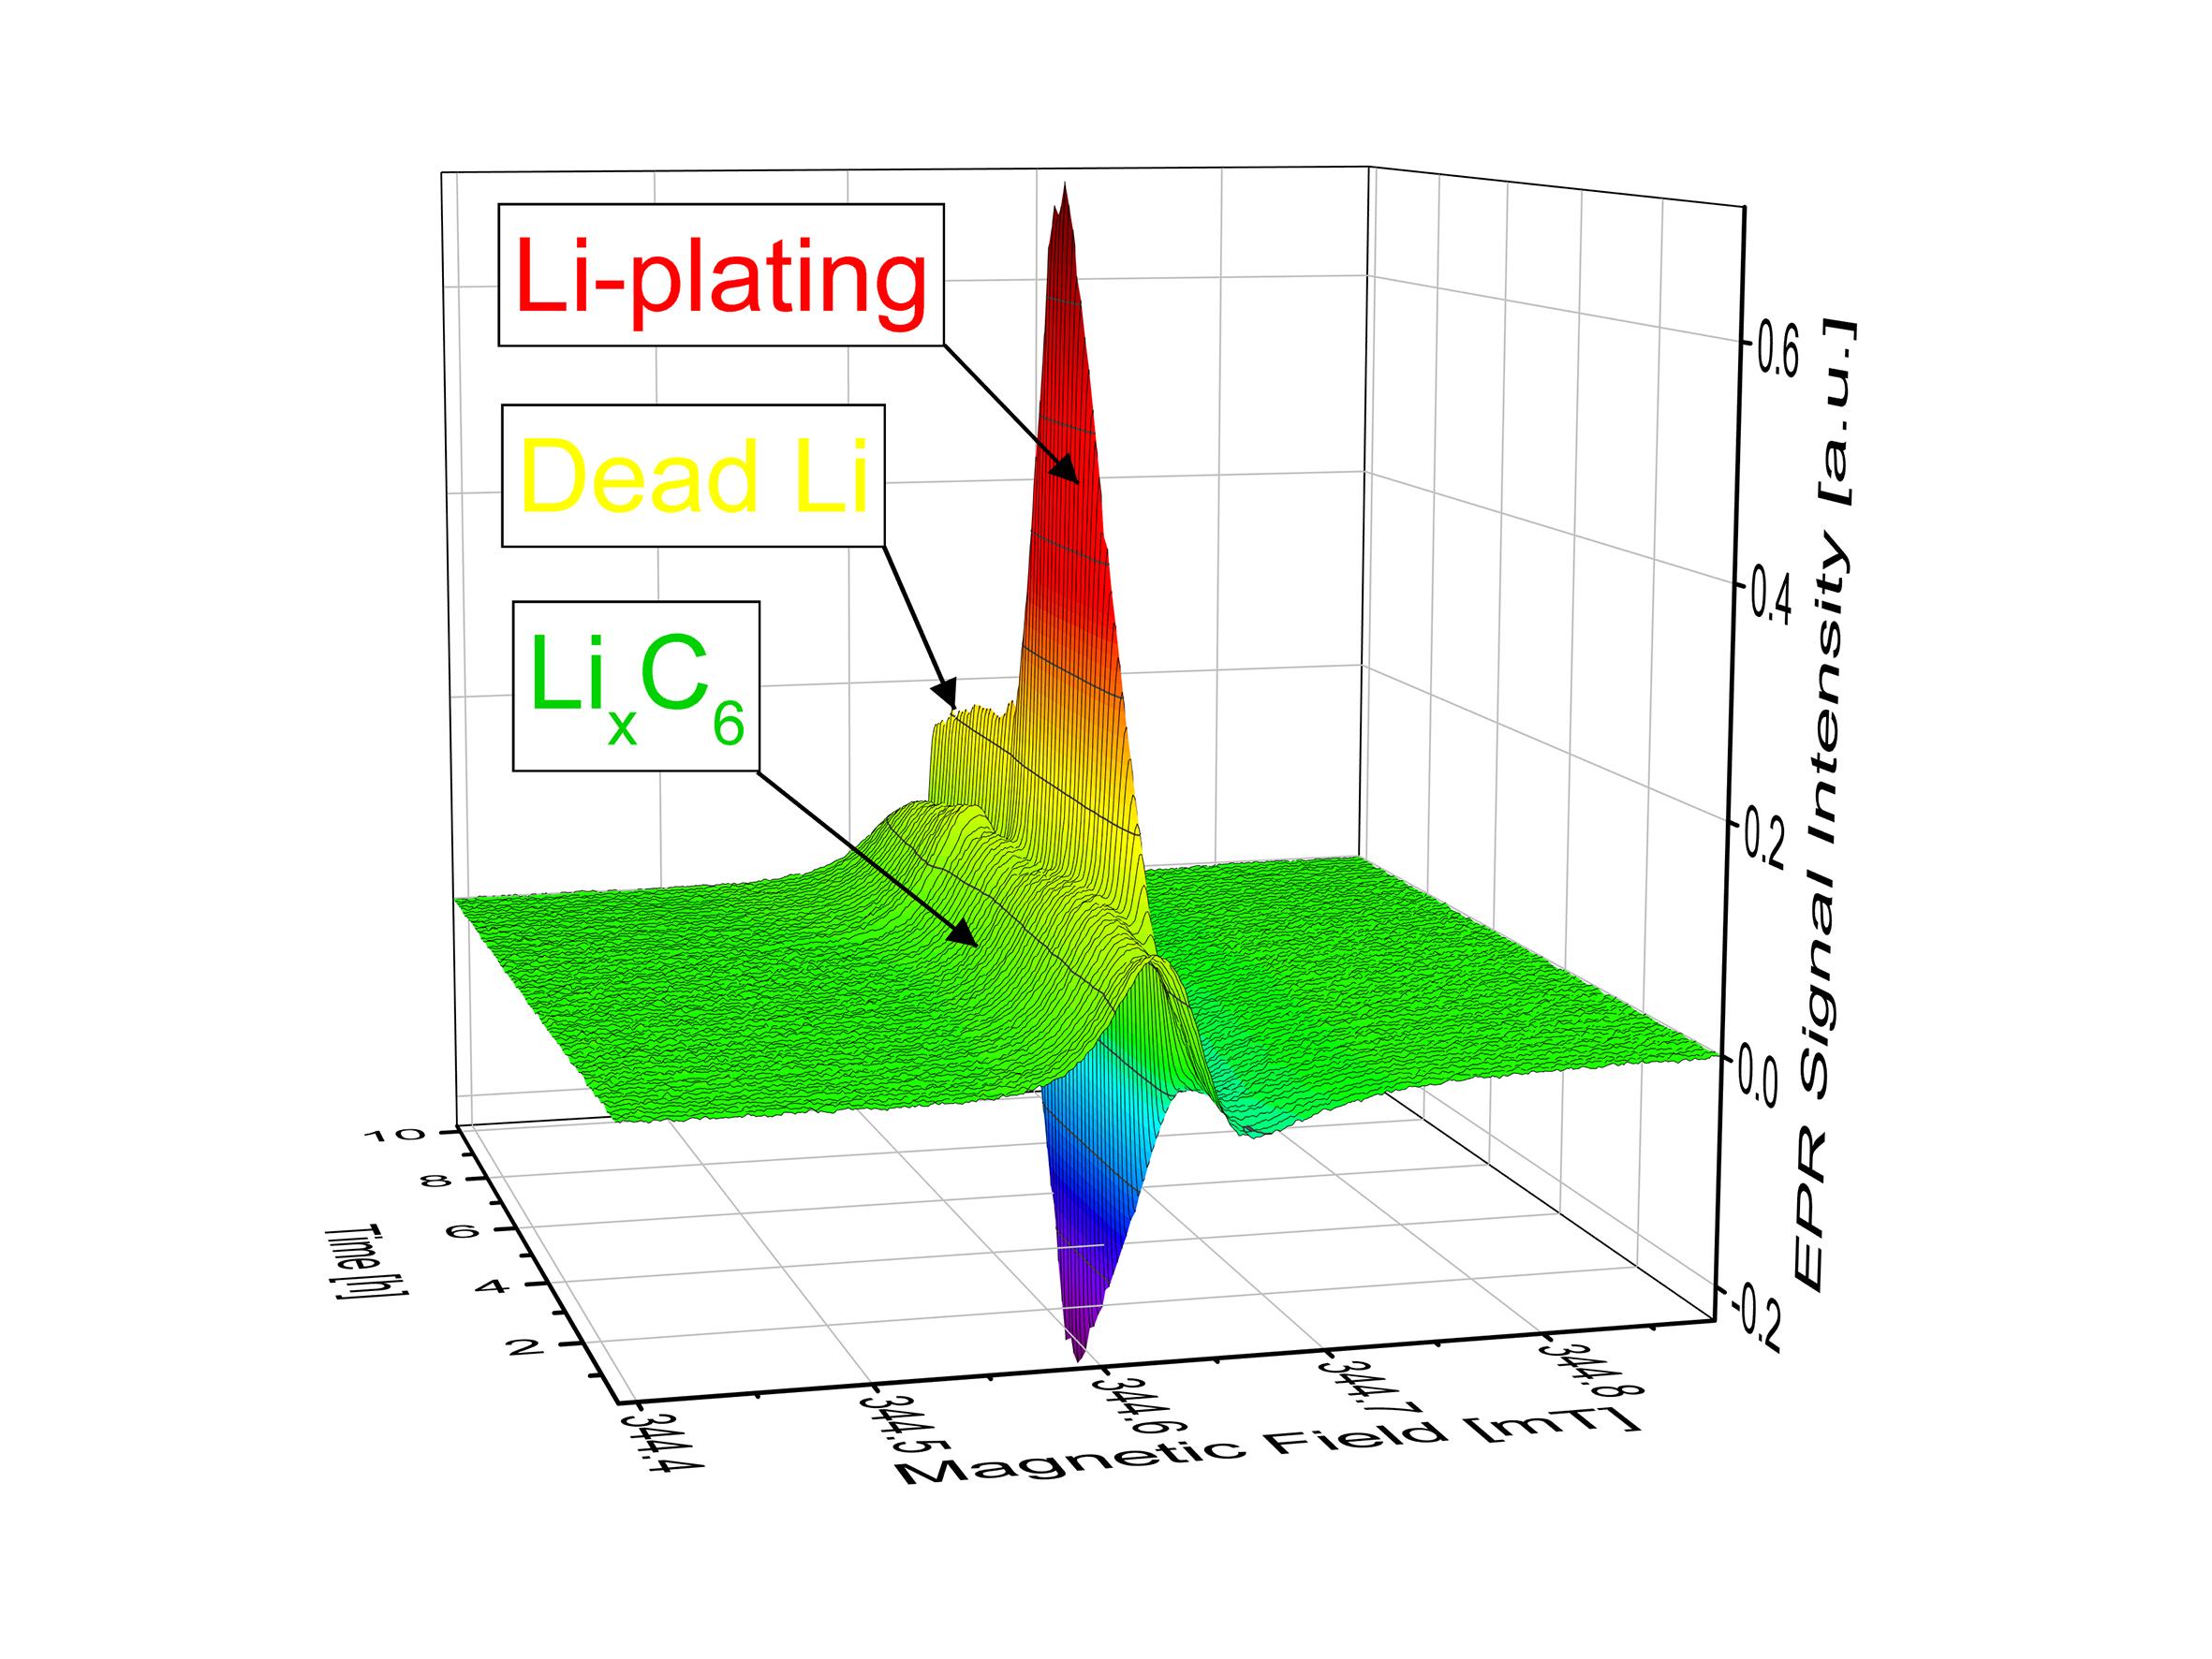 Tum reduces risk of lithium plating pooptronica